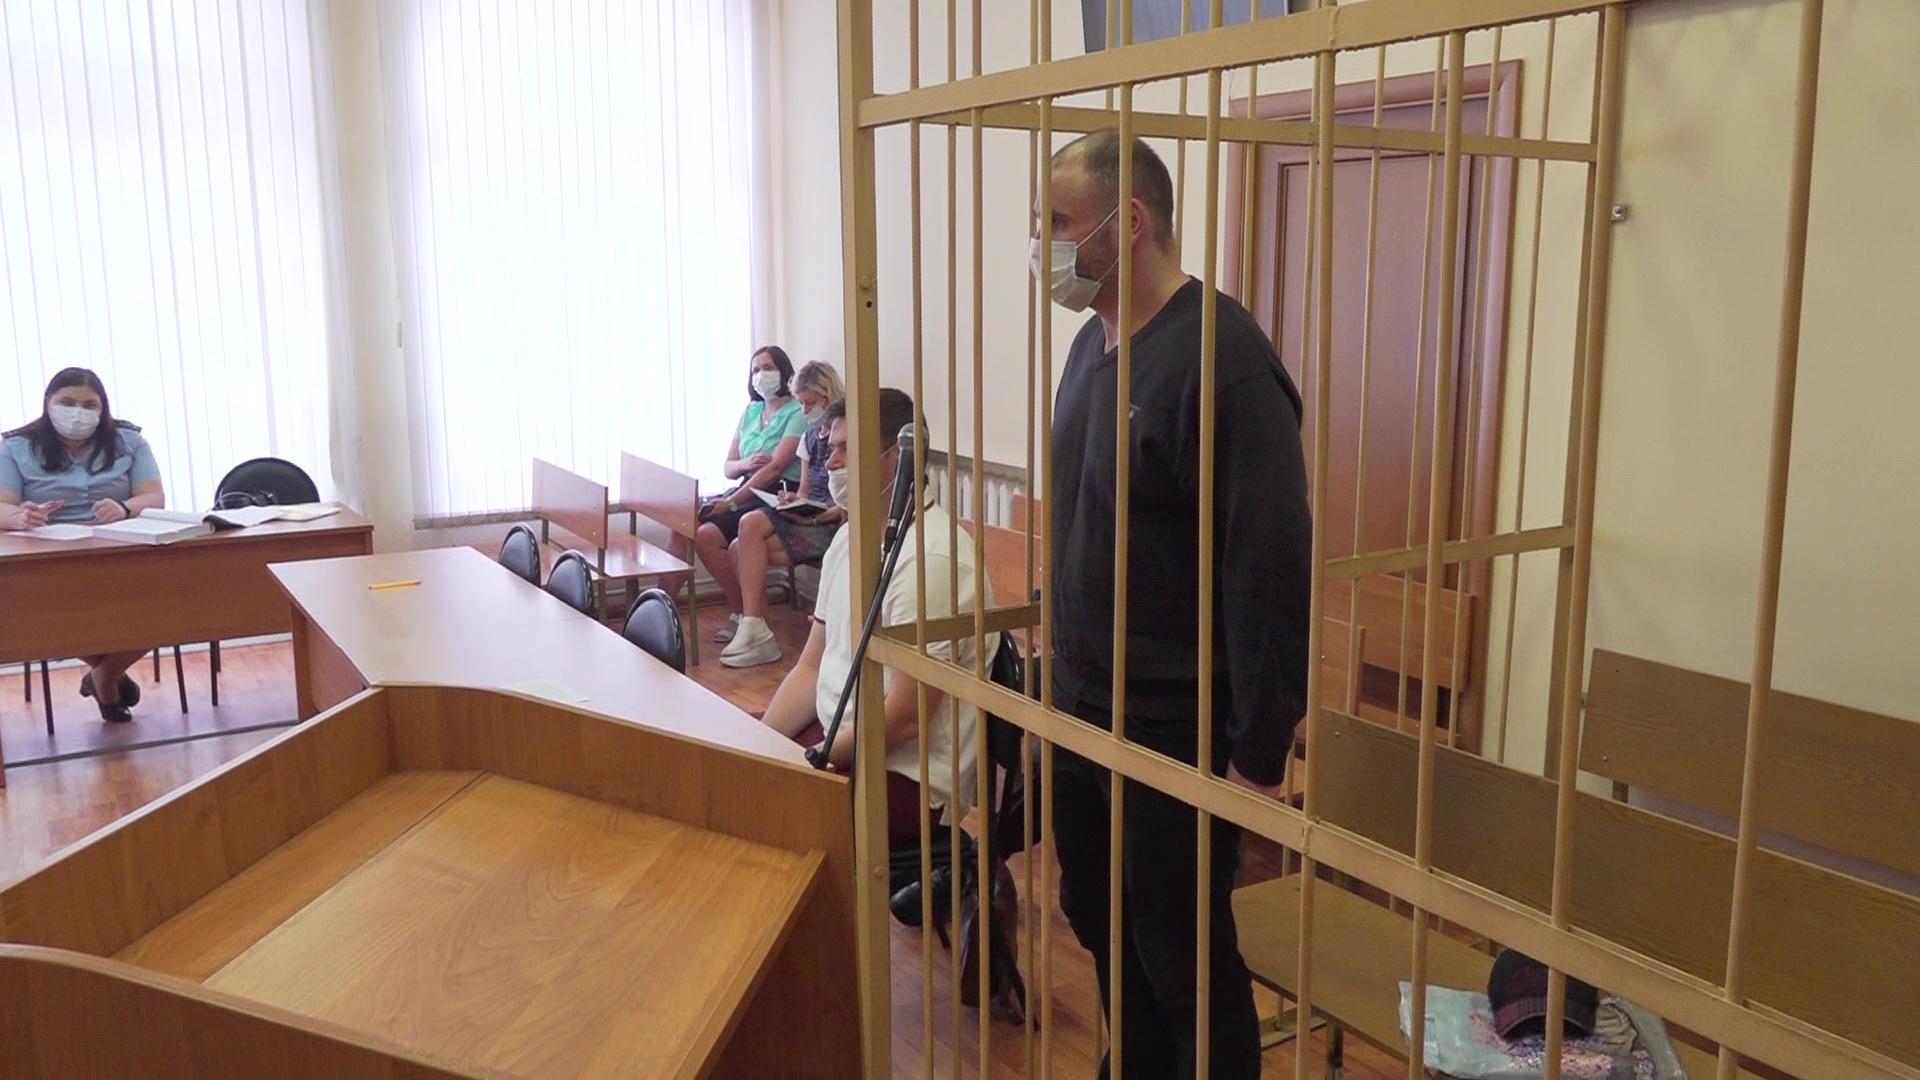 Оставлял пенсионеров без квадратных метров: в Ярославле слушают дело риелтора-мошенника